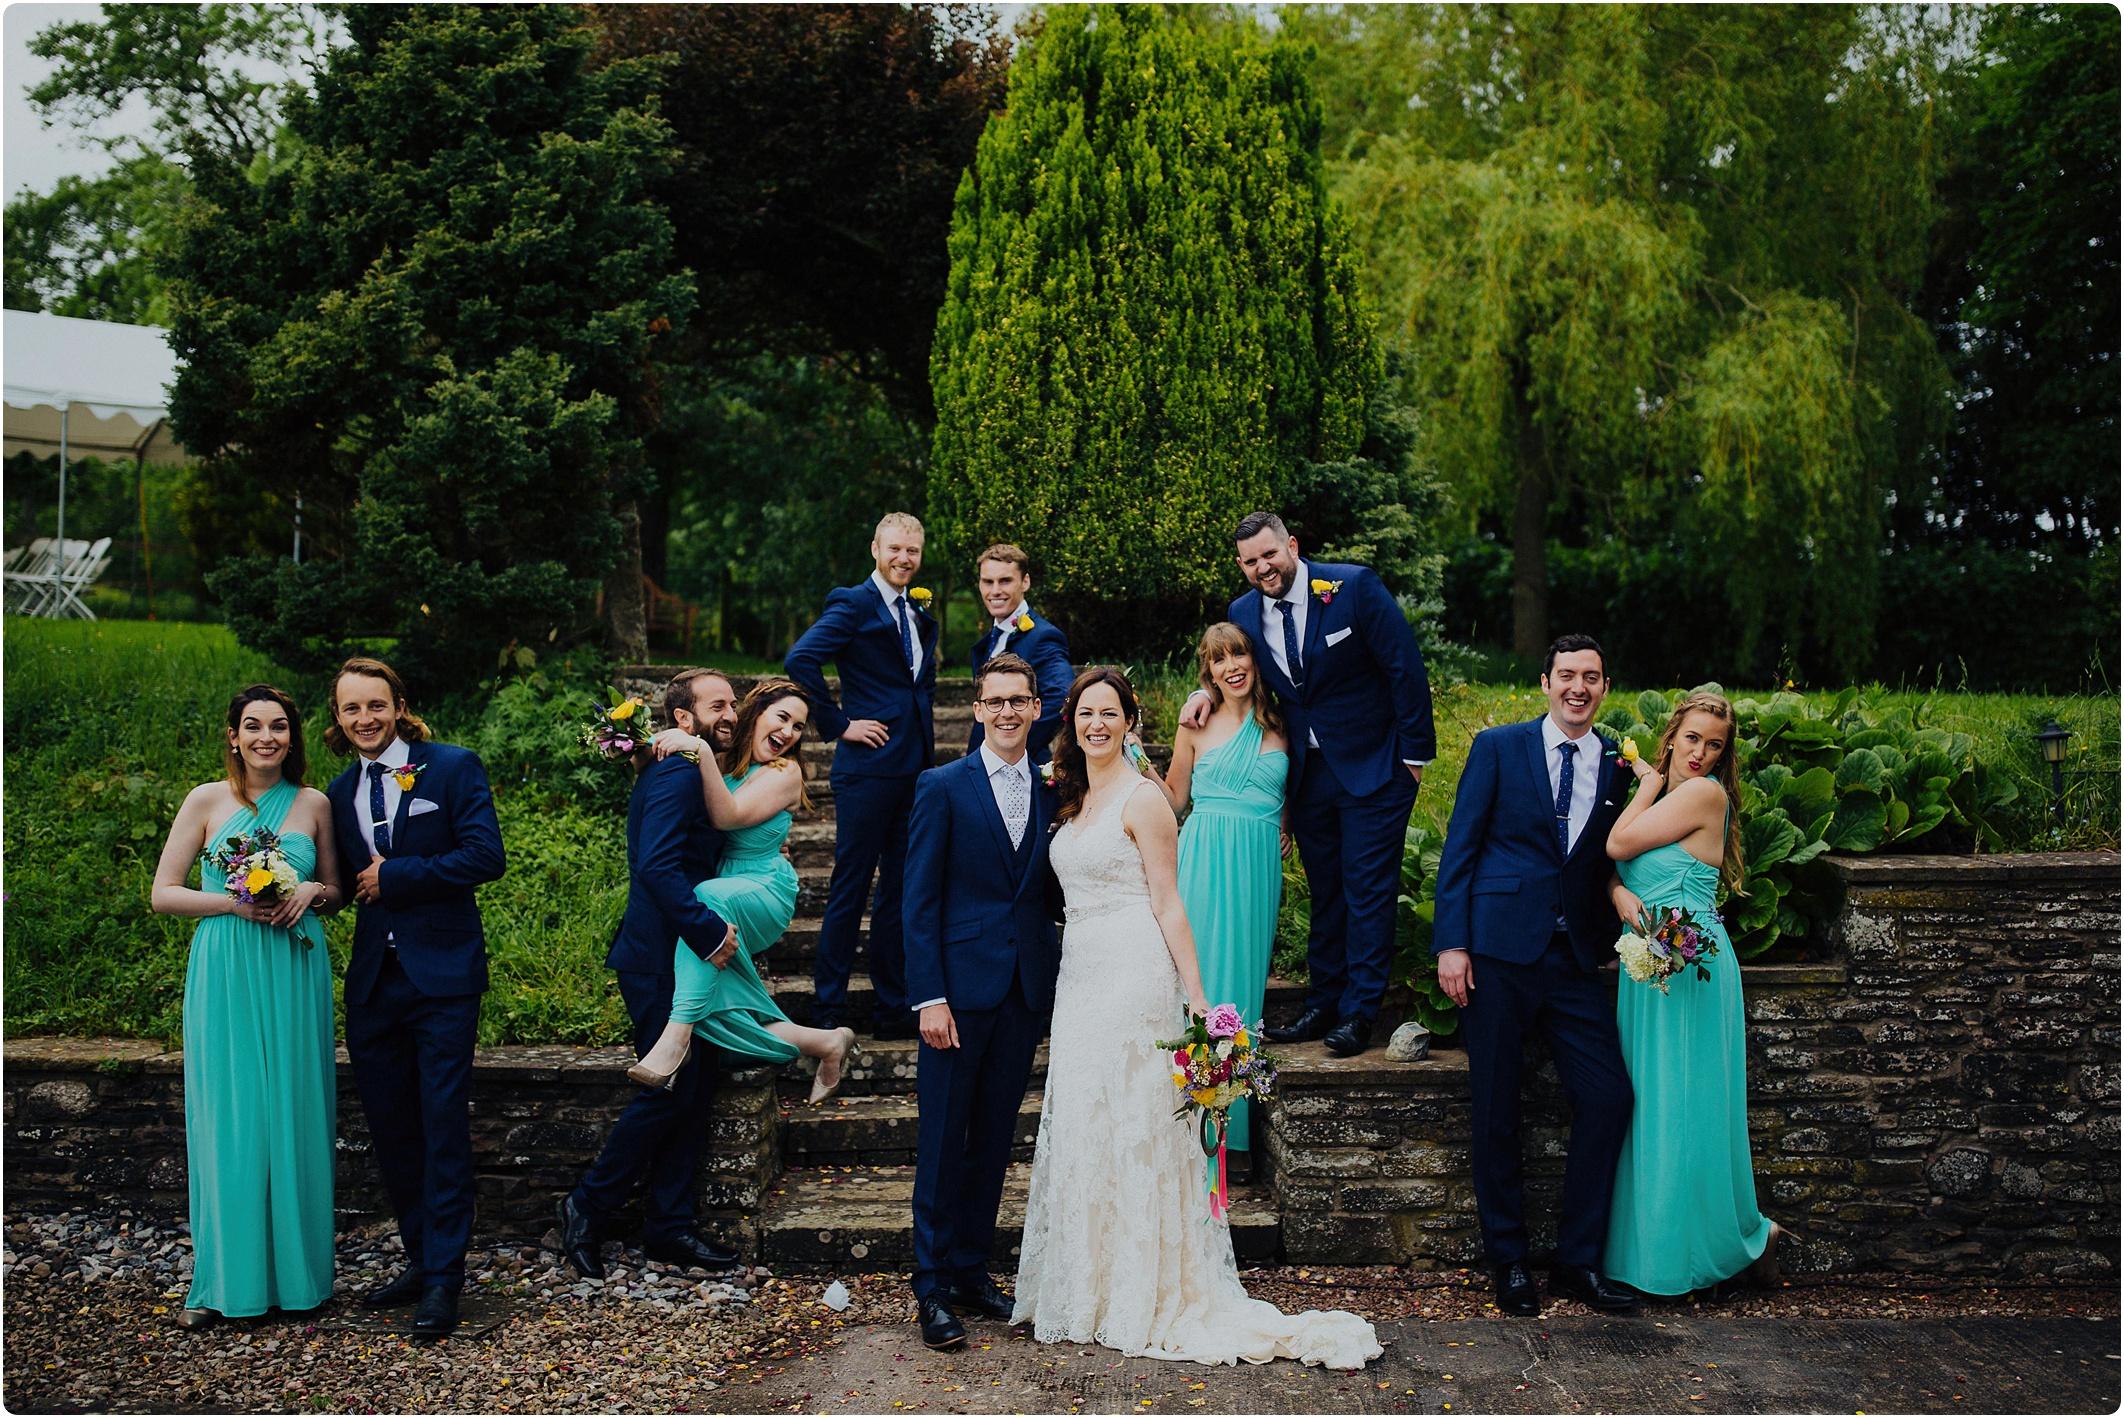 Treadam Barn Wedding bridal party shot